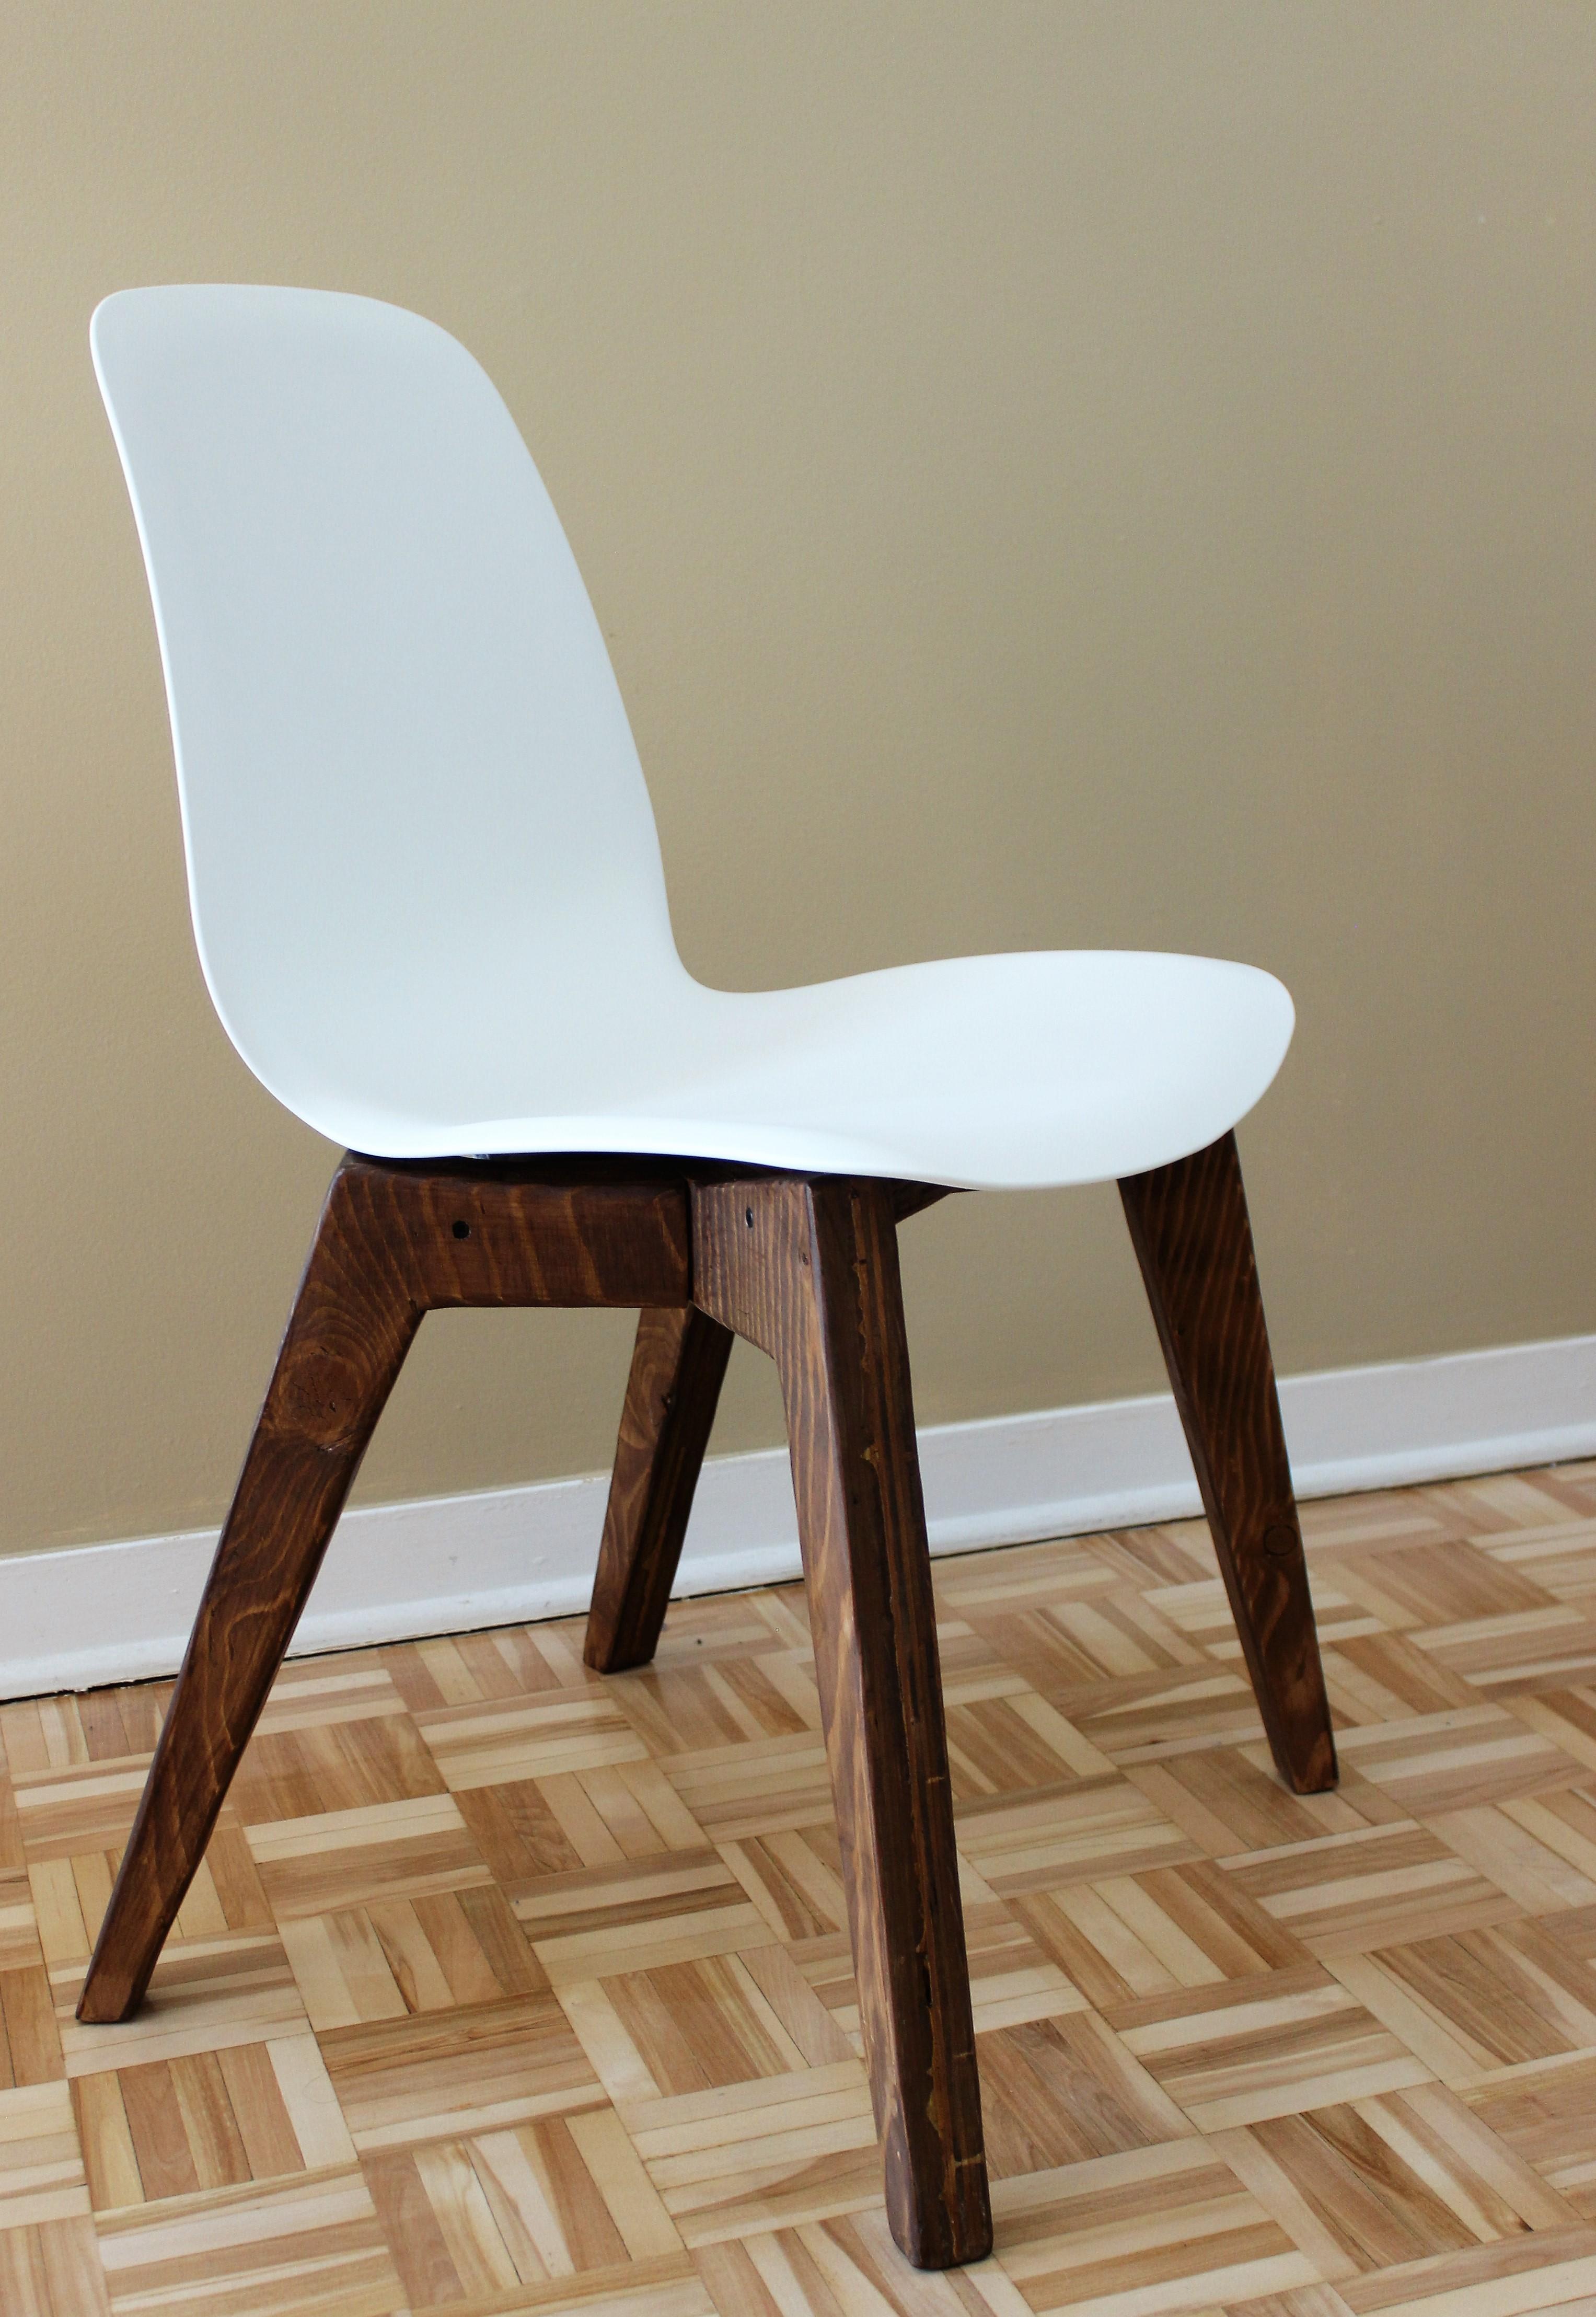 Comment fabriquer une chaise scandinave